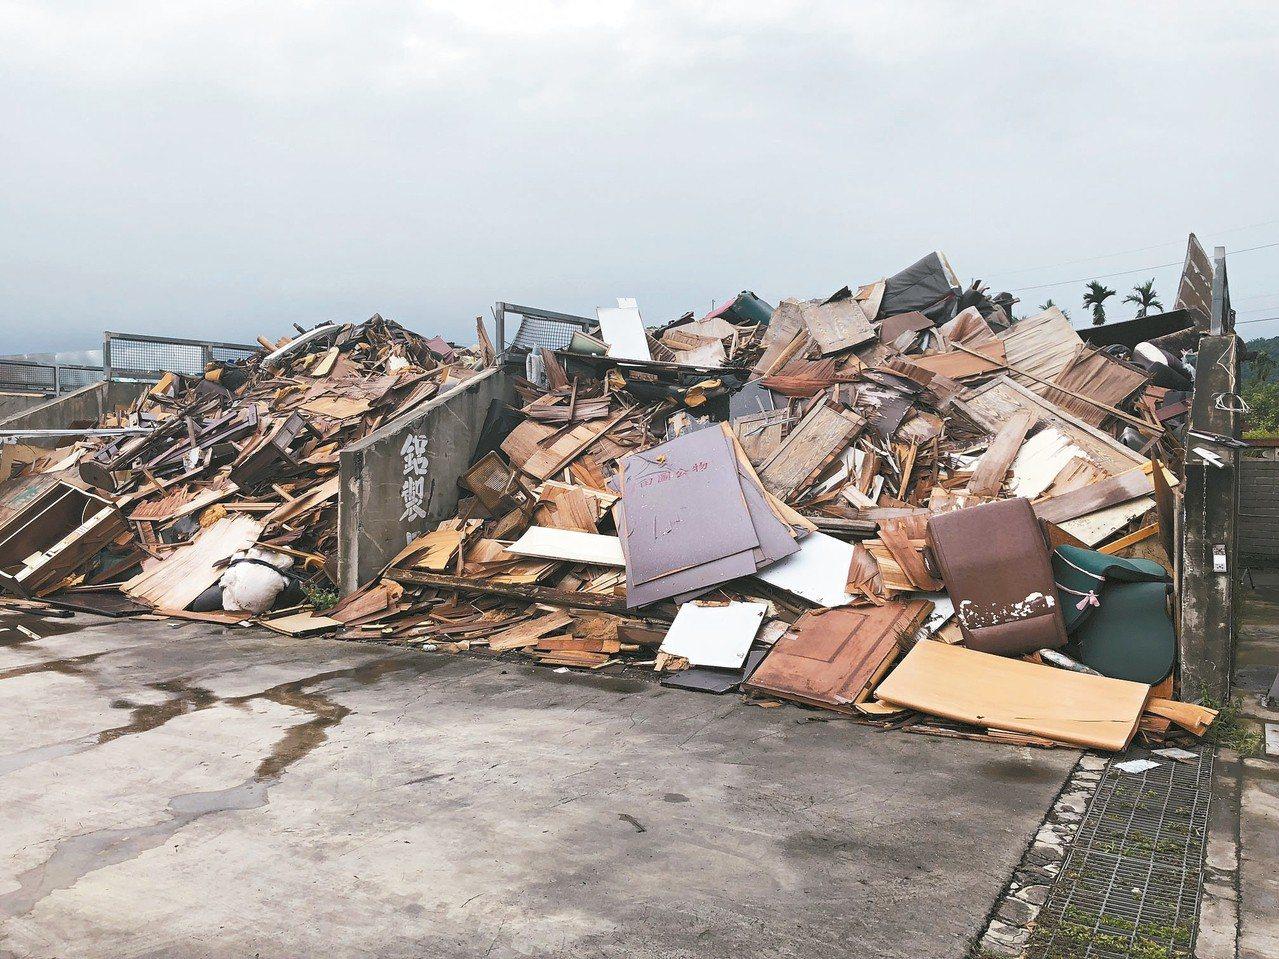 彰化縣田中鎮公所清潔隊長期收到大量廢棄家具,不能回收的材料堆在隊部,須分批送往焚...